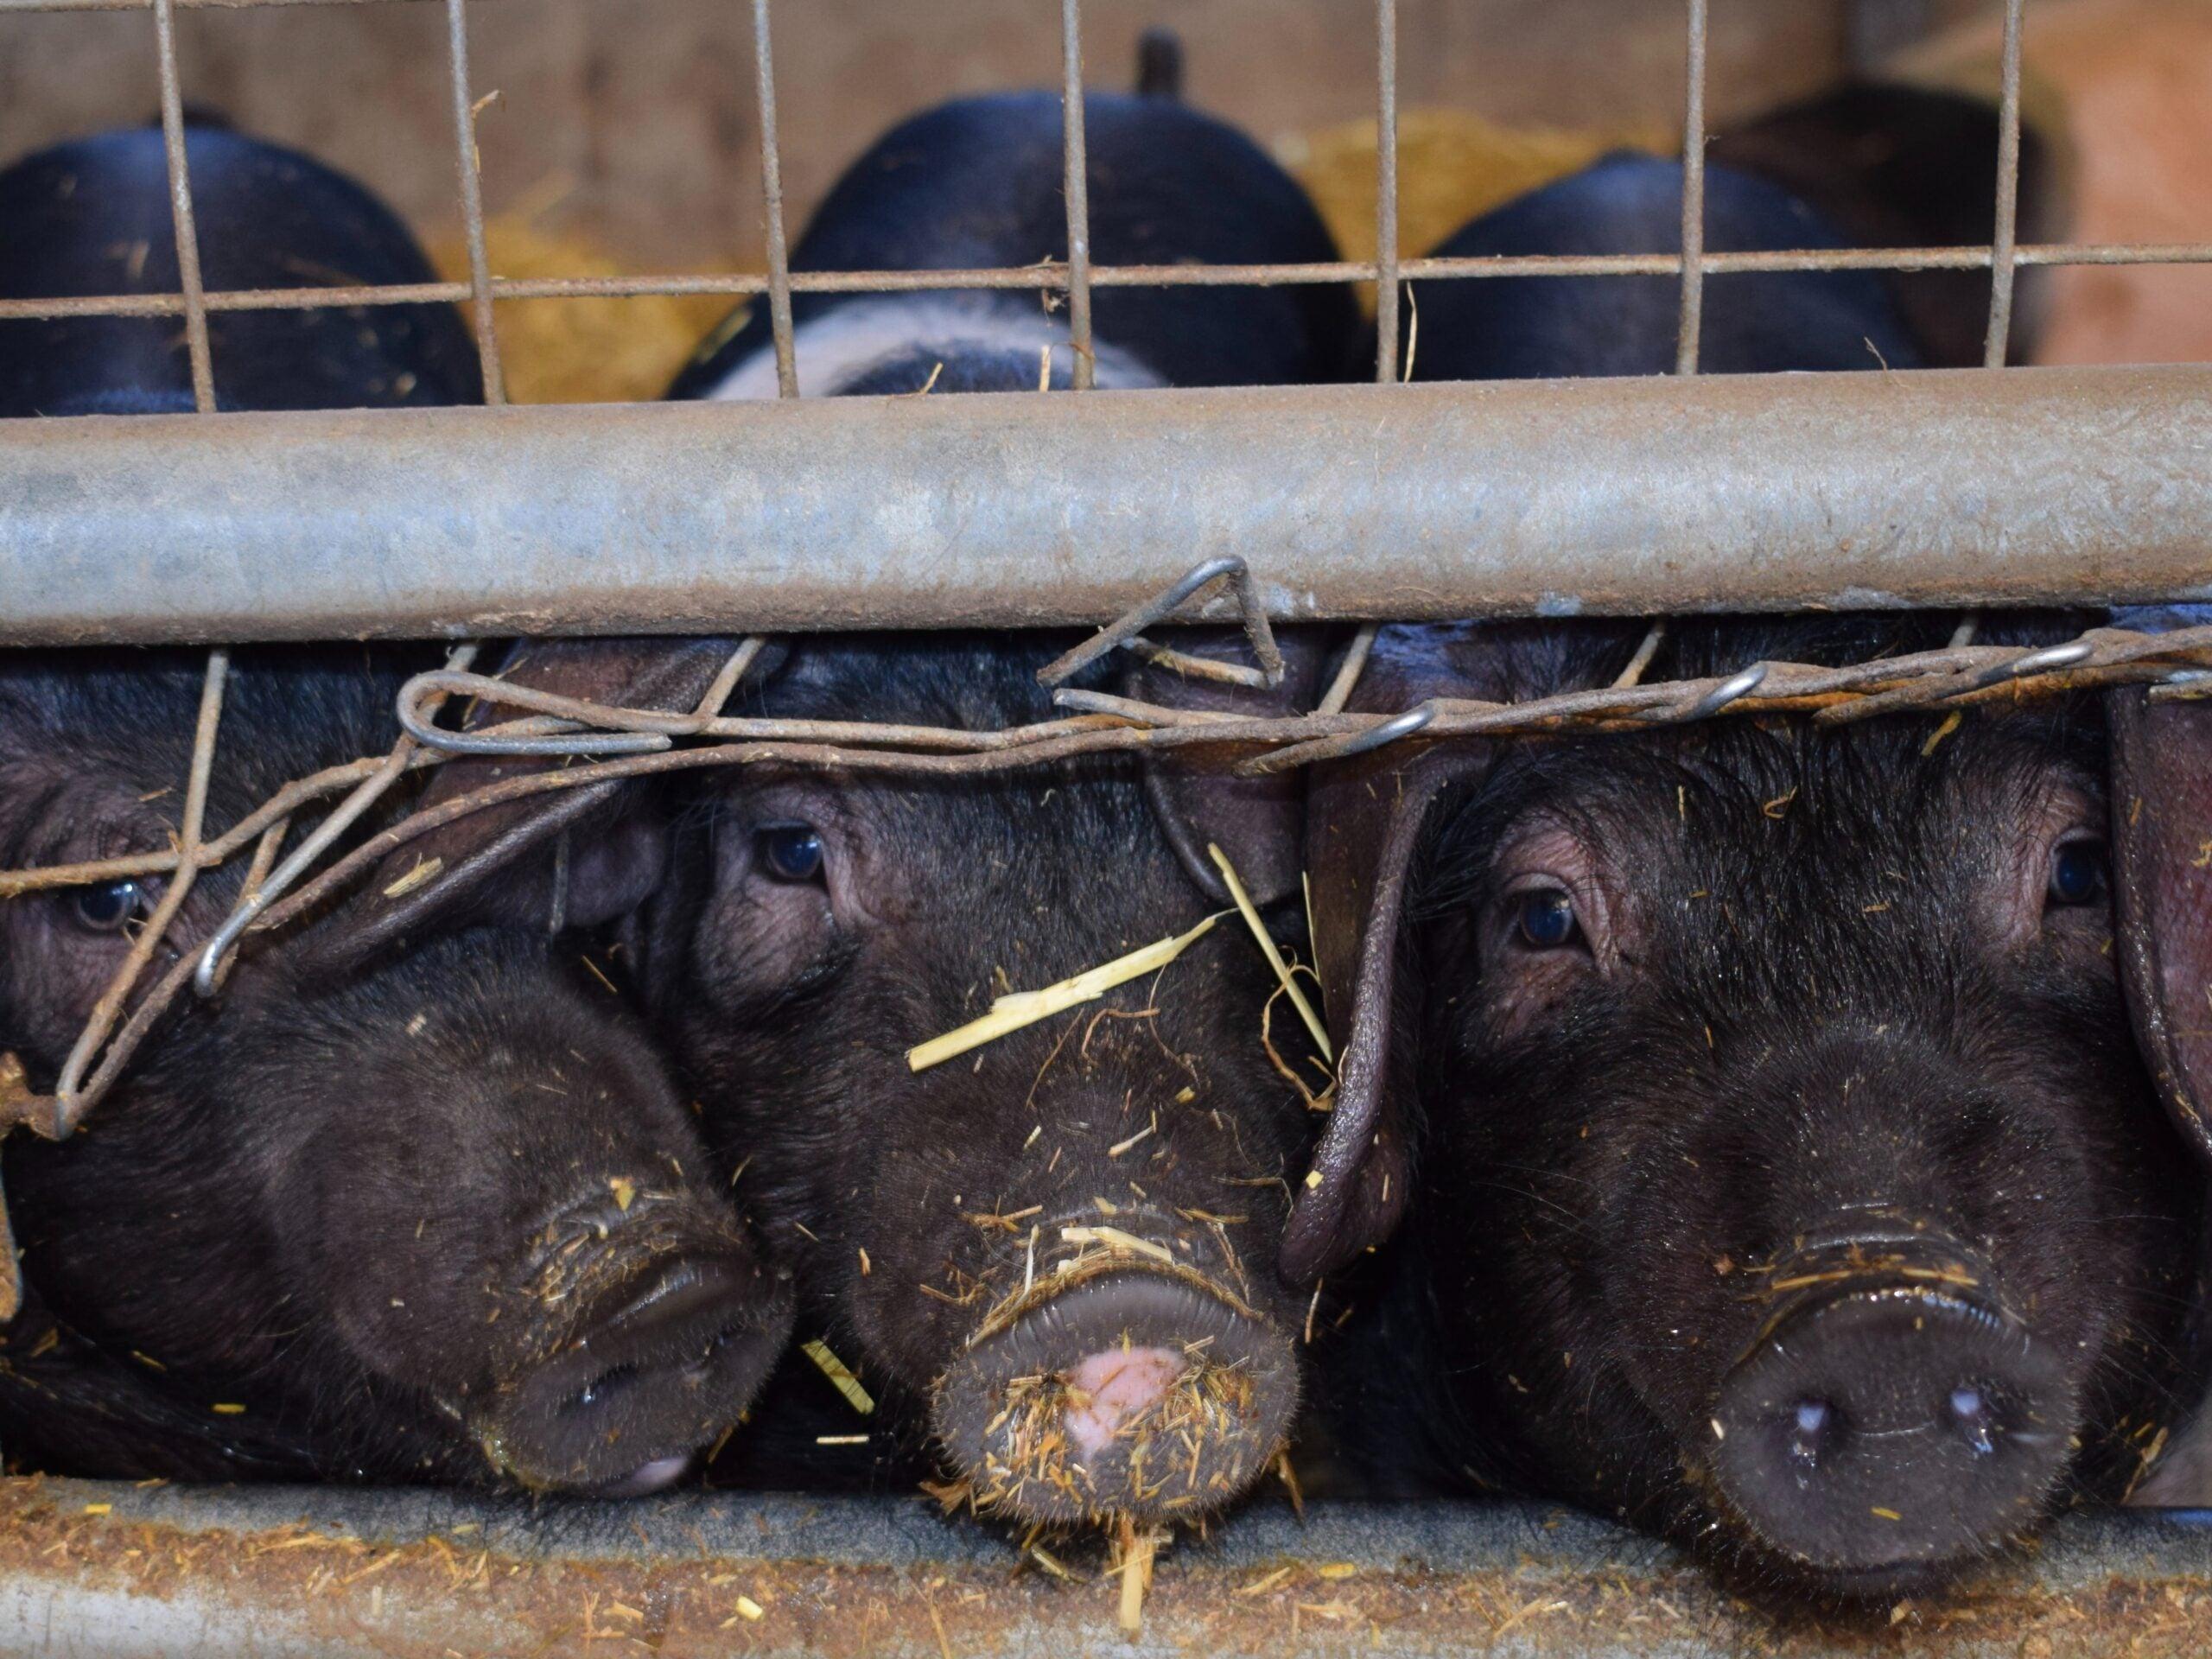 Viruses like influenza often evolve in livestock, like the pigs pictured here.